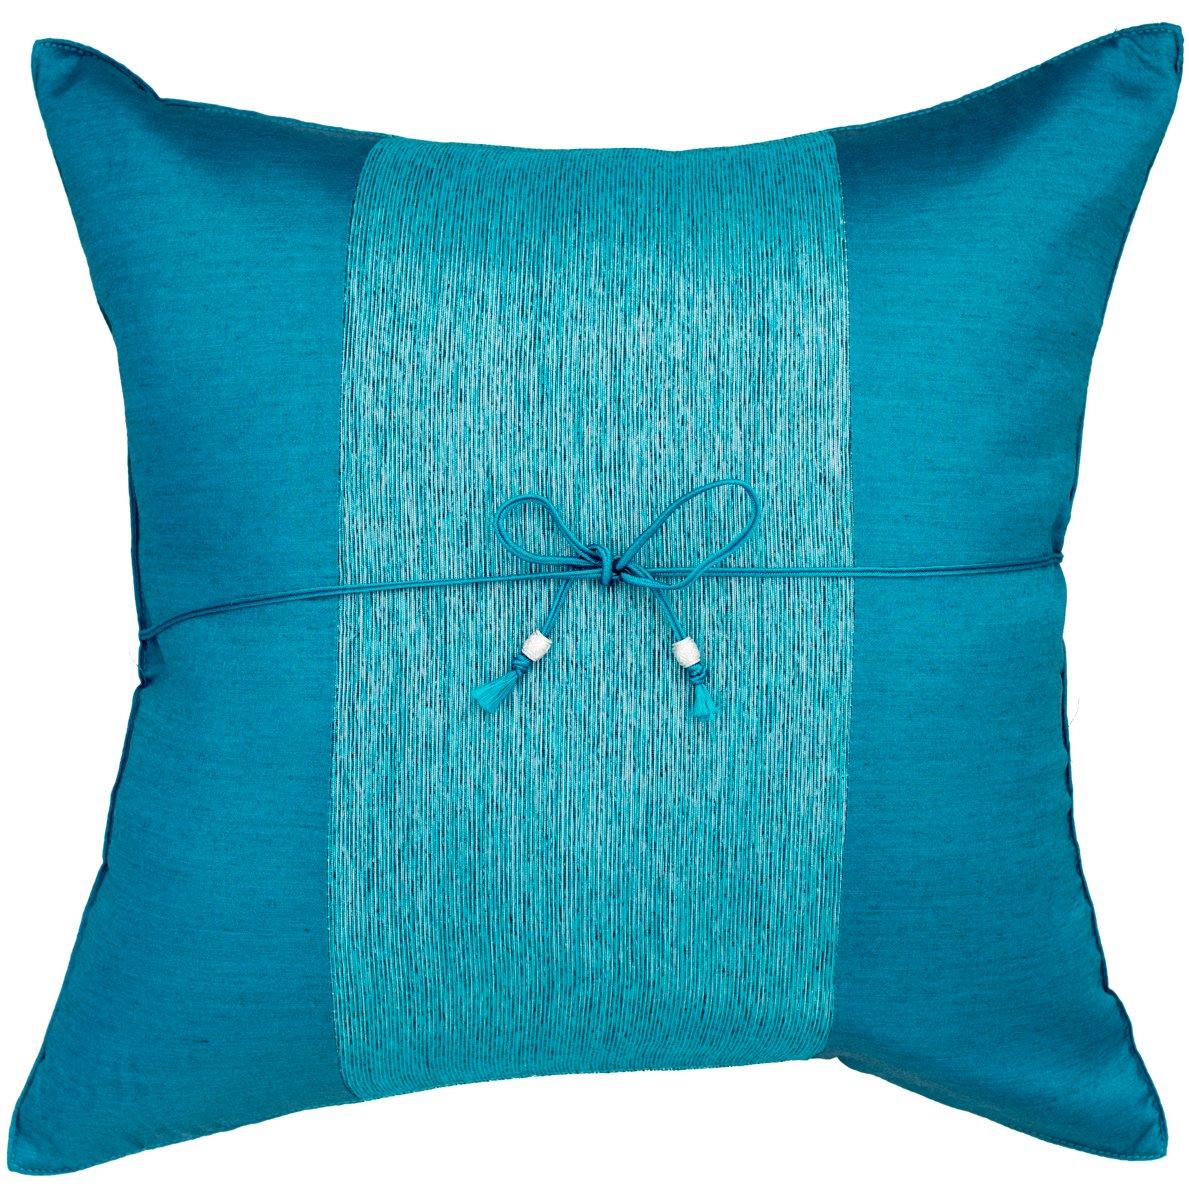 Amazon Com Avarada Striped Crepe Throw Pillow Cover Decorative Sofa